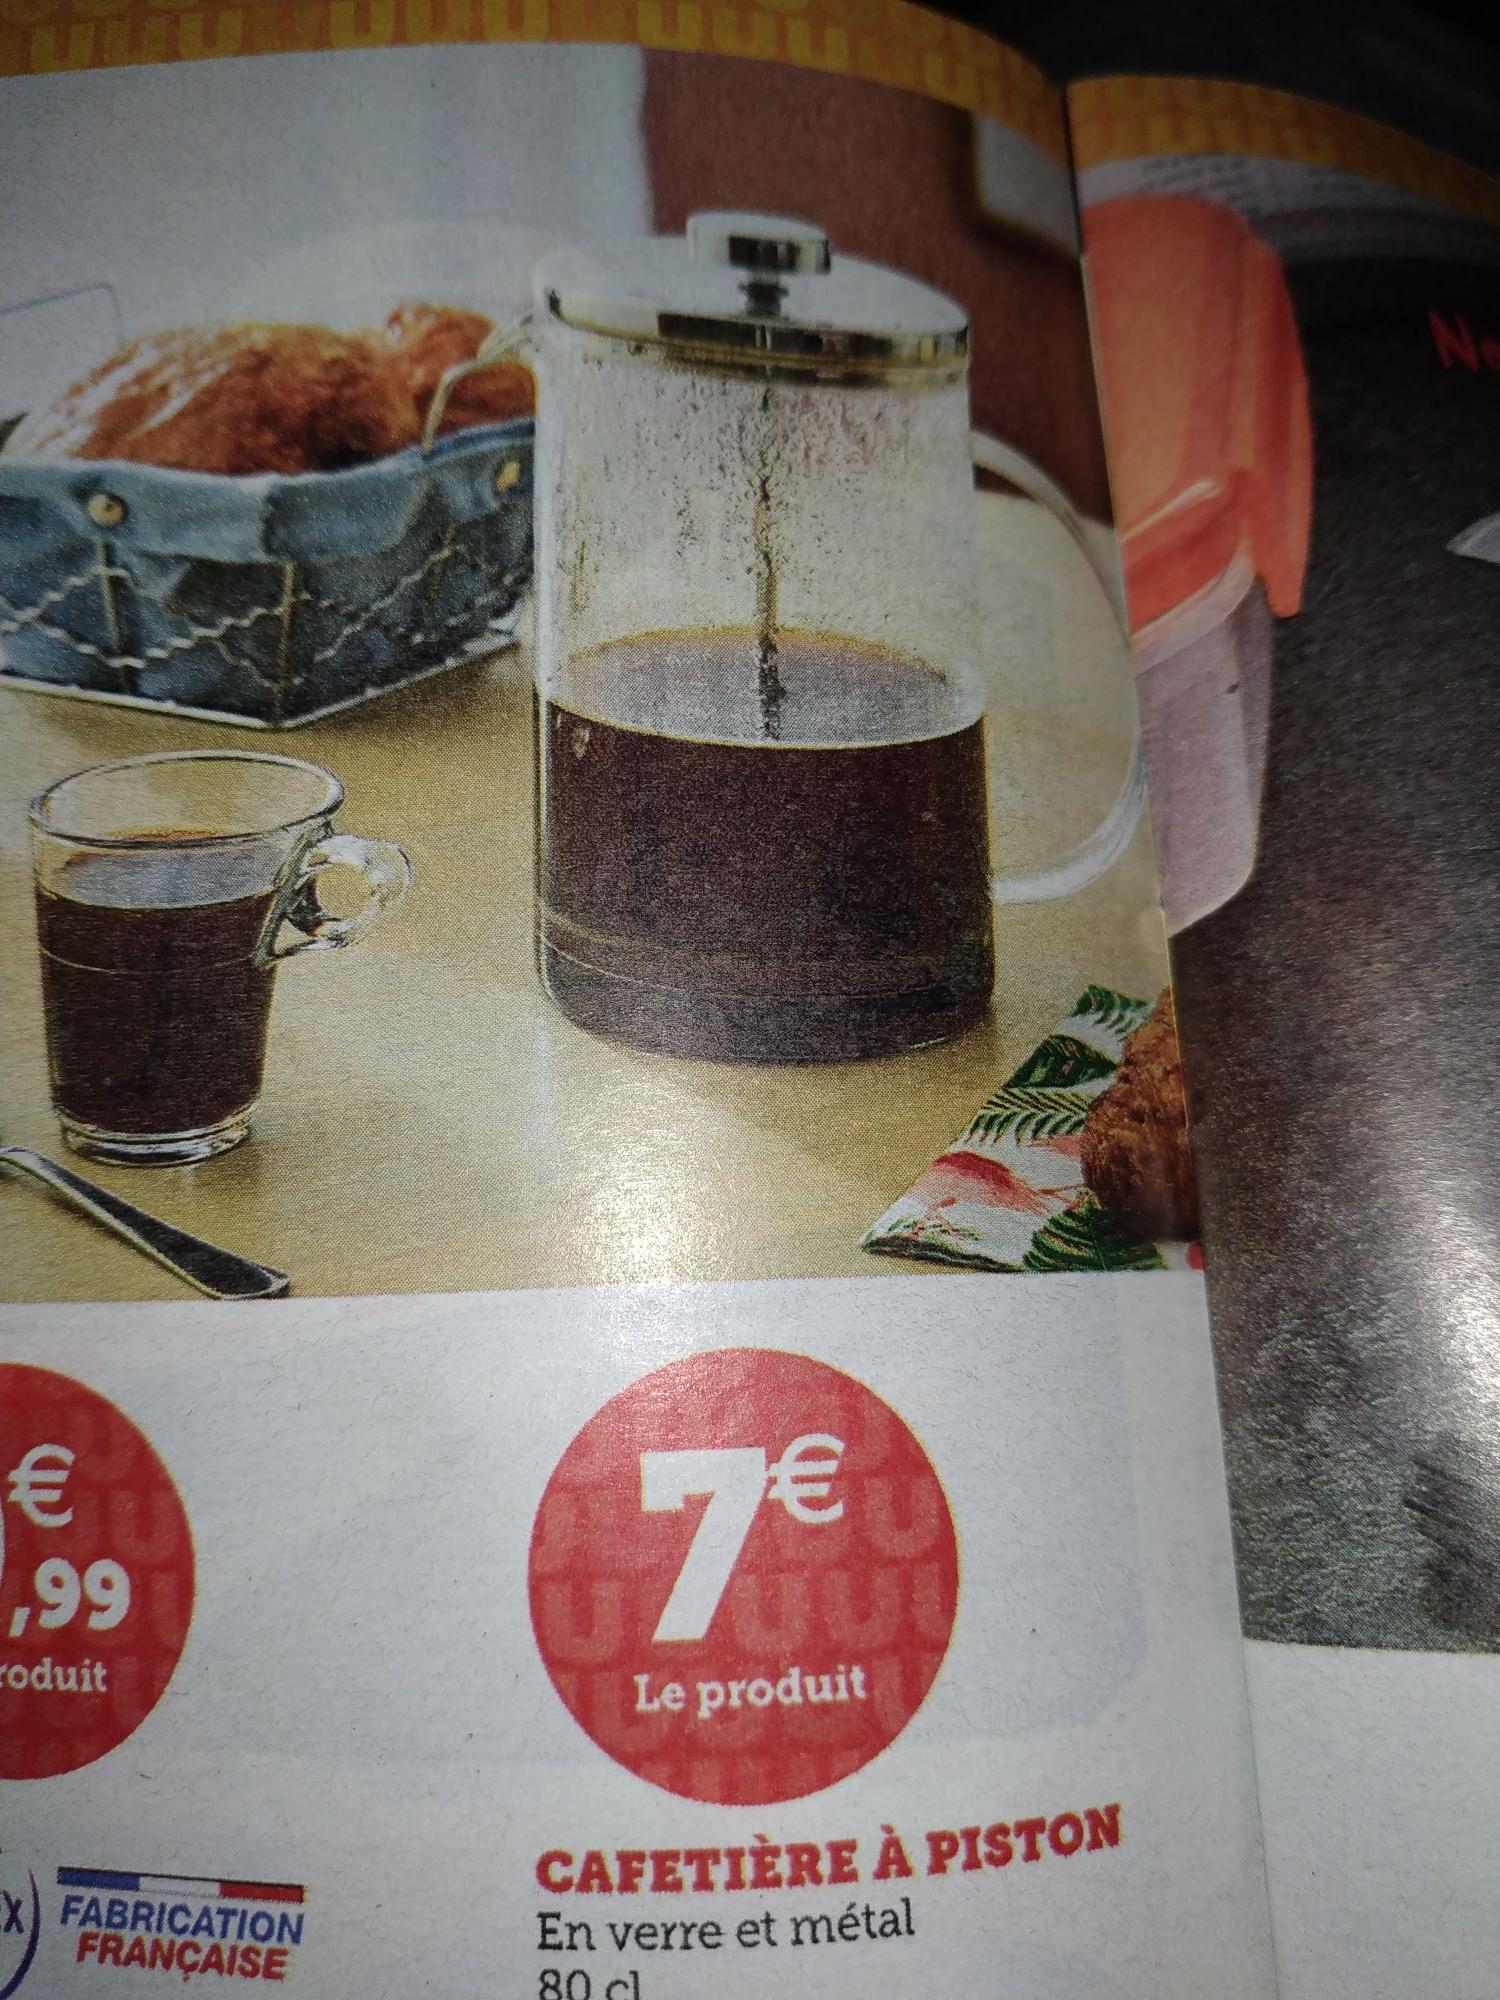 Cafetière à piston - 0.8L